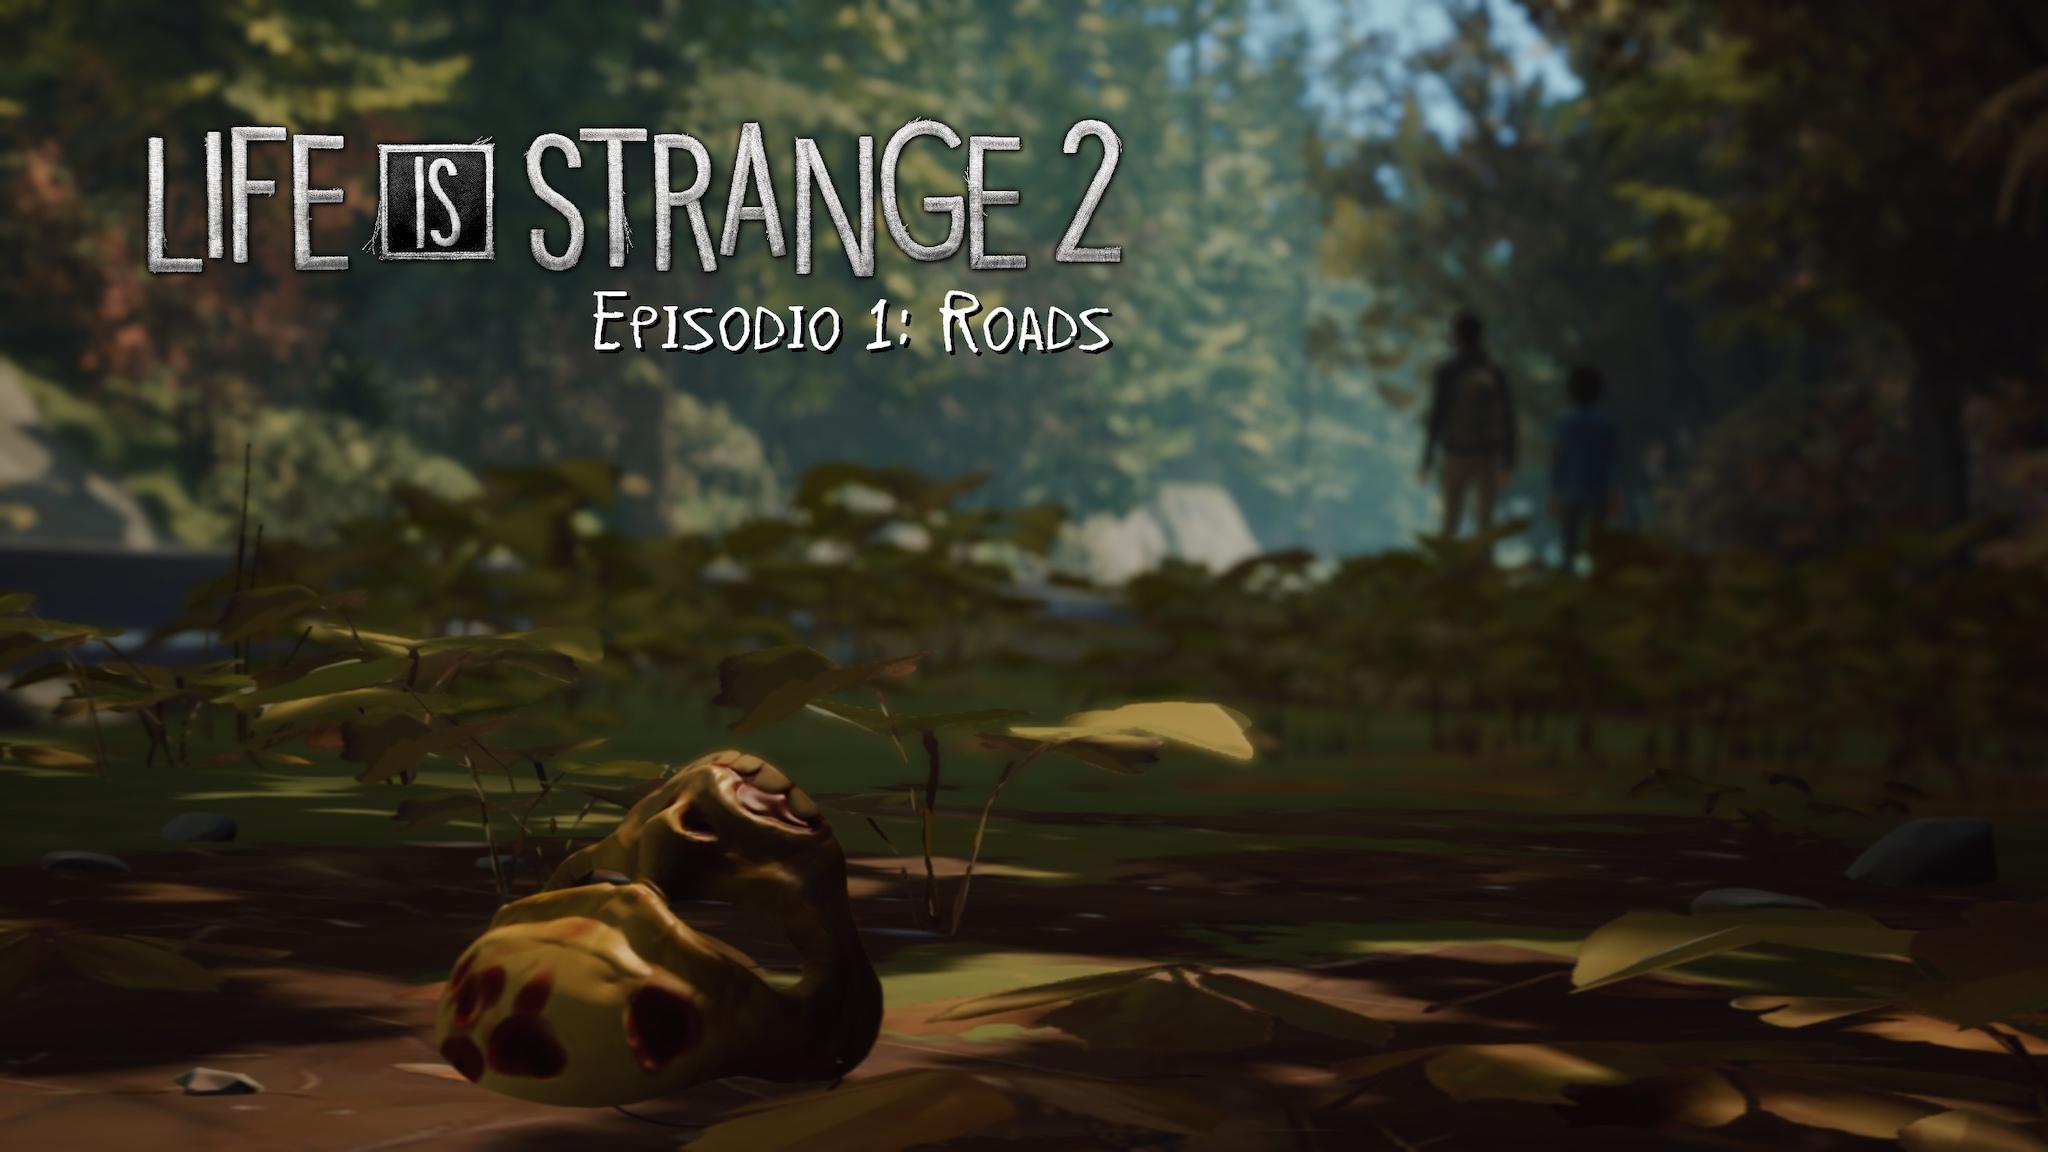 """Life is Strange 2, la recensione del primo episodio: """"Roads"""" 1"""